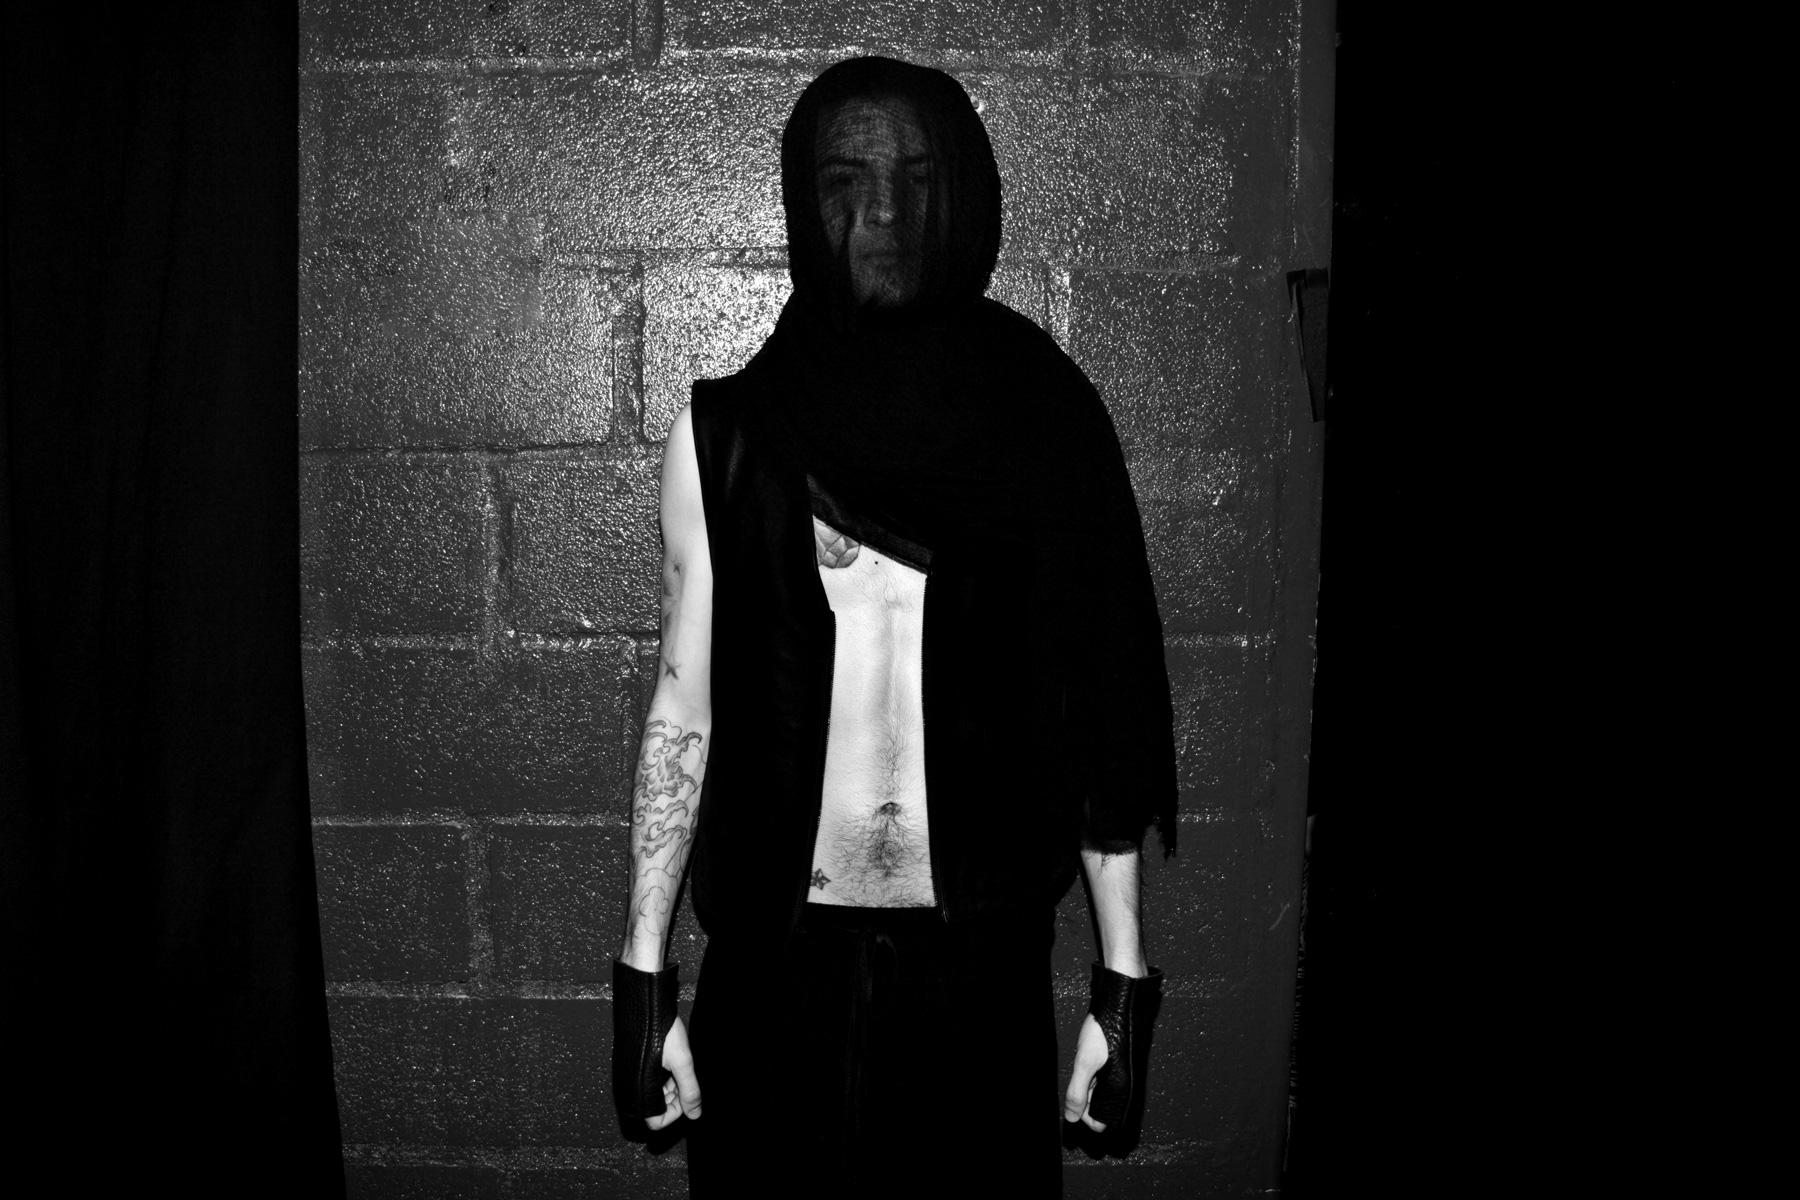 Model in veil